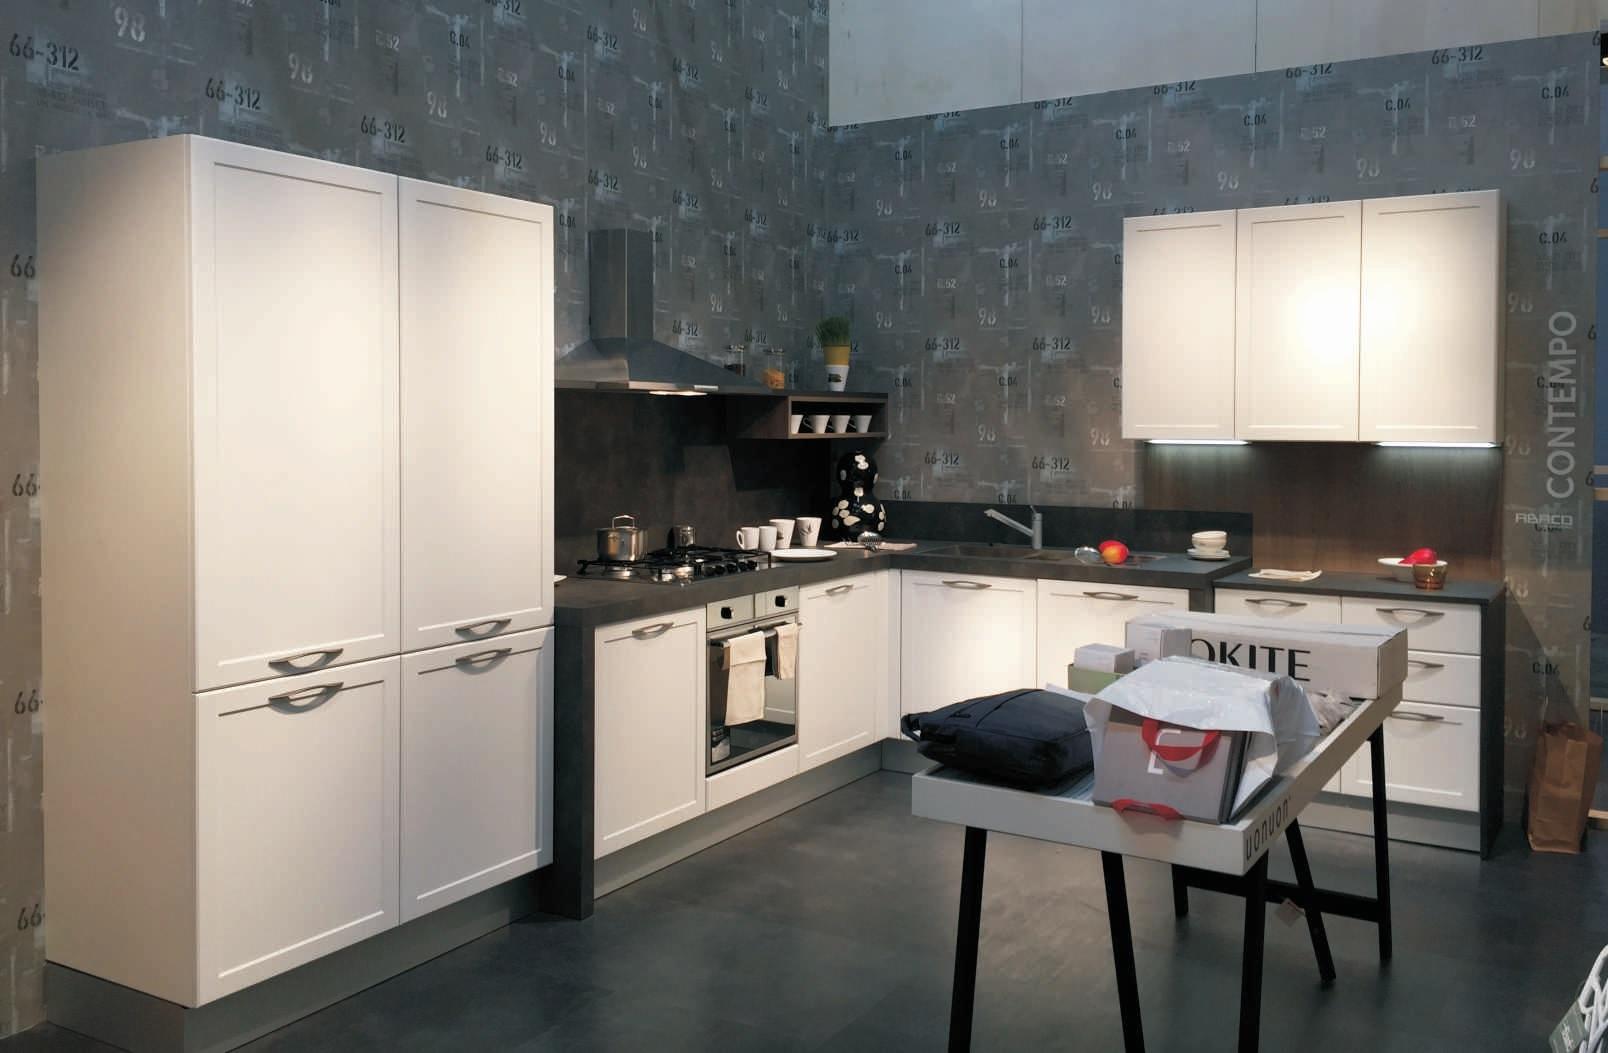 Cucina snaidero contempo bianco luce visma arredo outlet for Visma arredo treviso